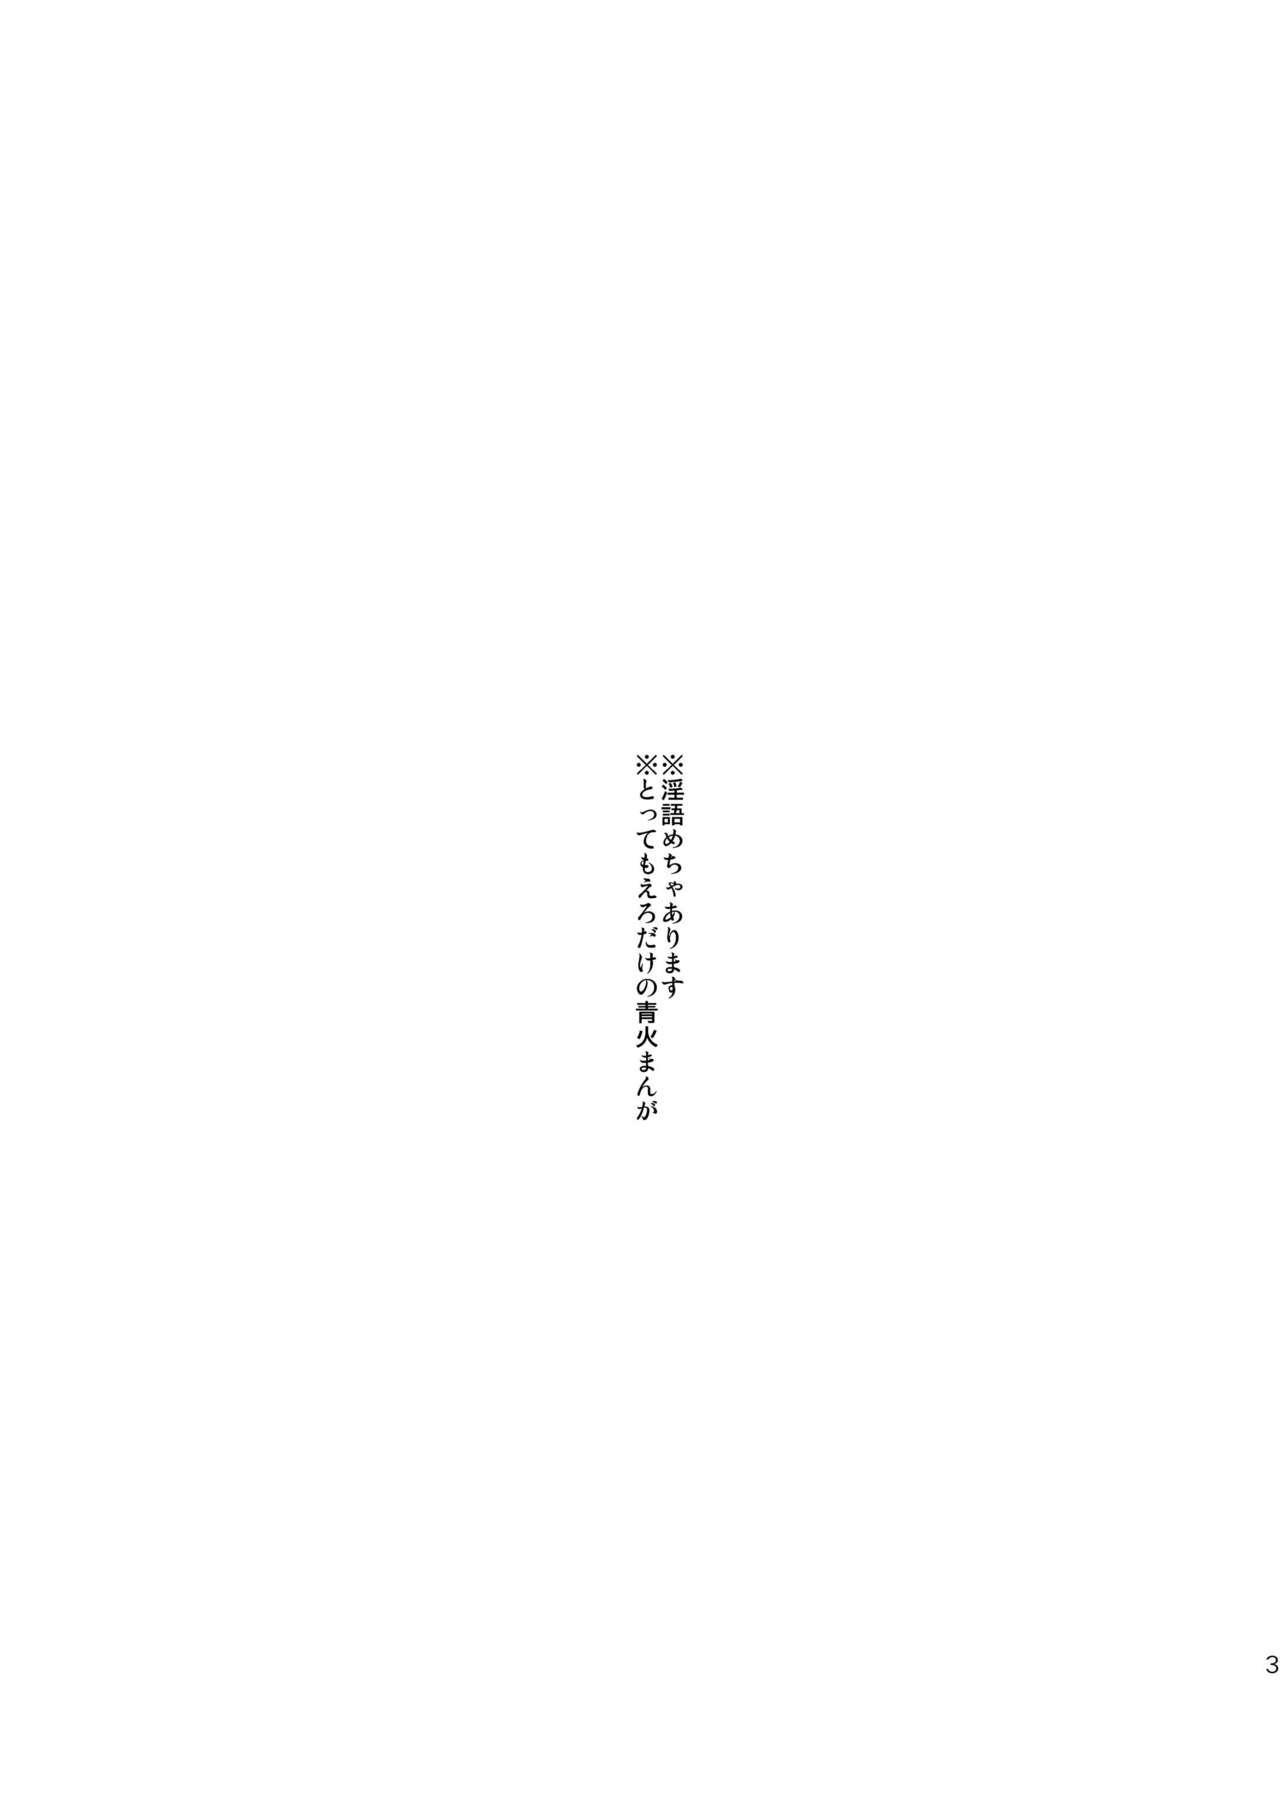 Kagami-kun no Ero hon 7 Gobusata no Kare mo Kore de Ippatsu Marude Kemono no Youna Hatsujou Sekkusu senyou Biyaku 1